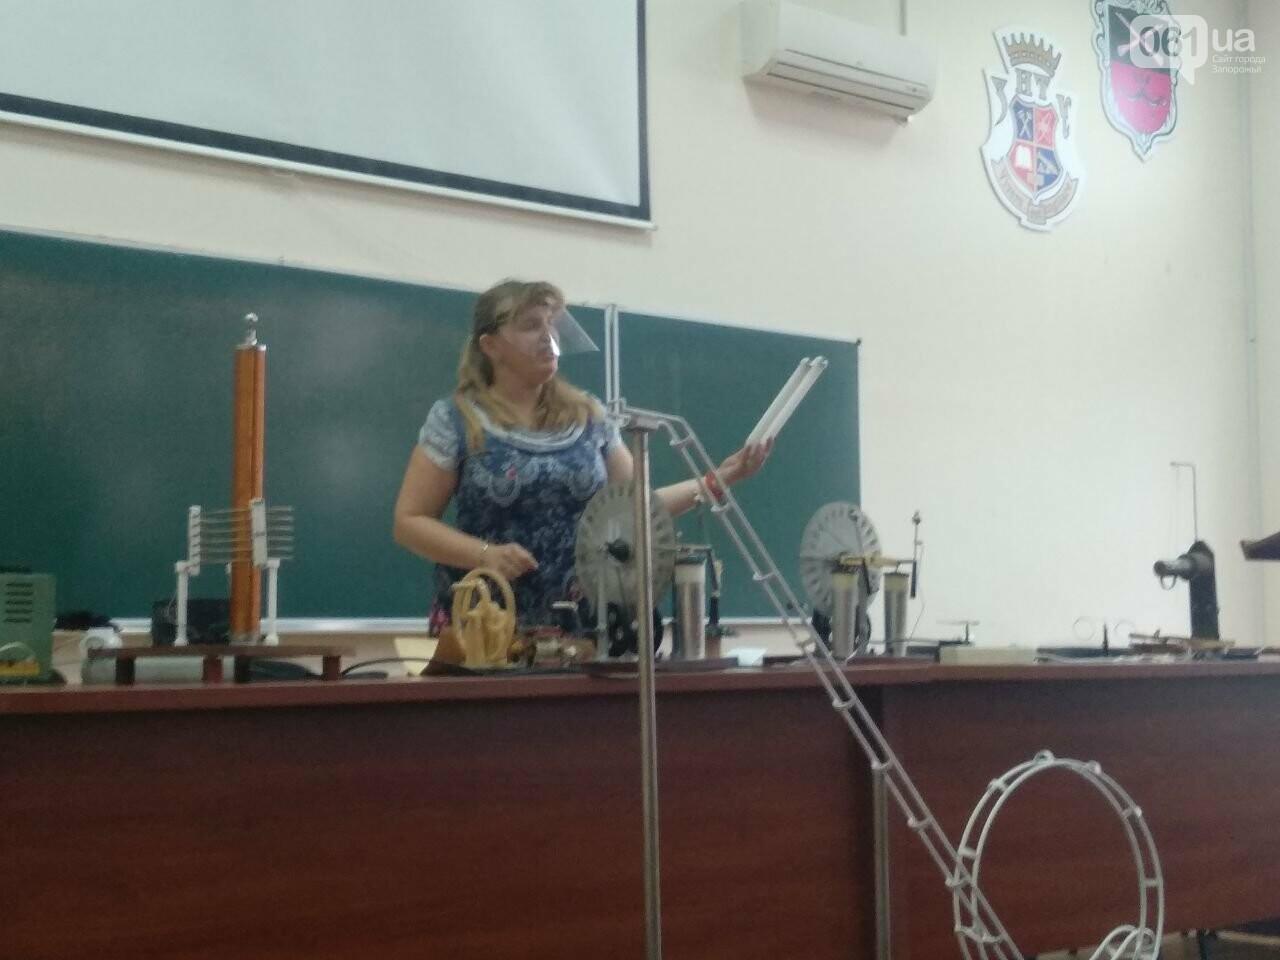 Роботы-официанты, ретро-экспонаты и физические эксперименты: как в Запорожье прошла «Ночь науки», фото-27